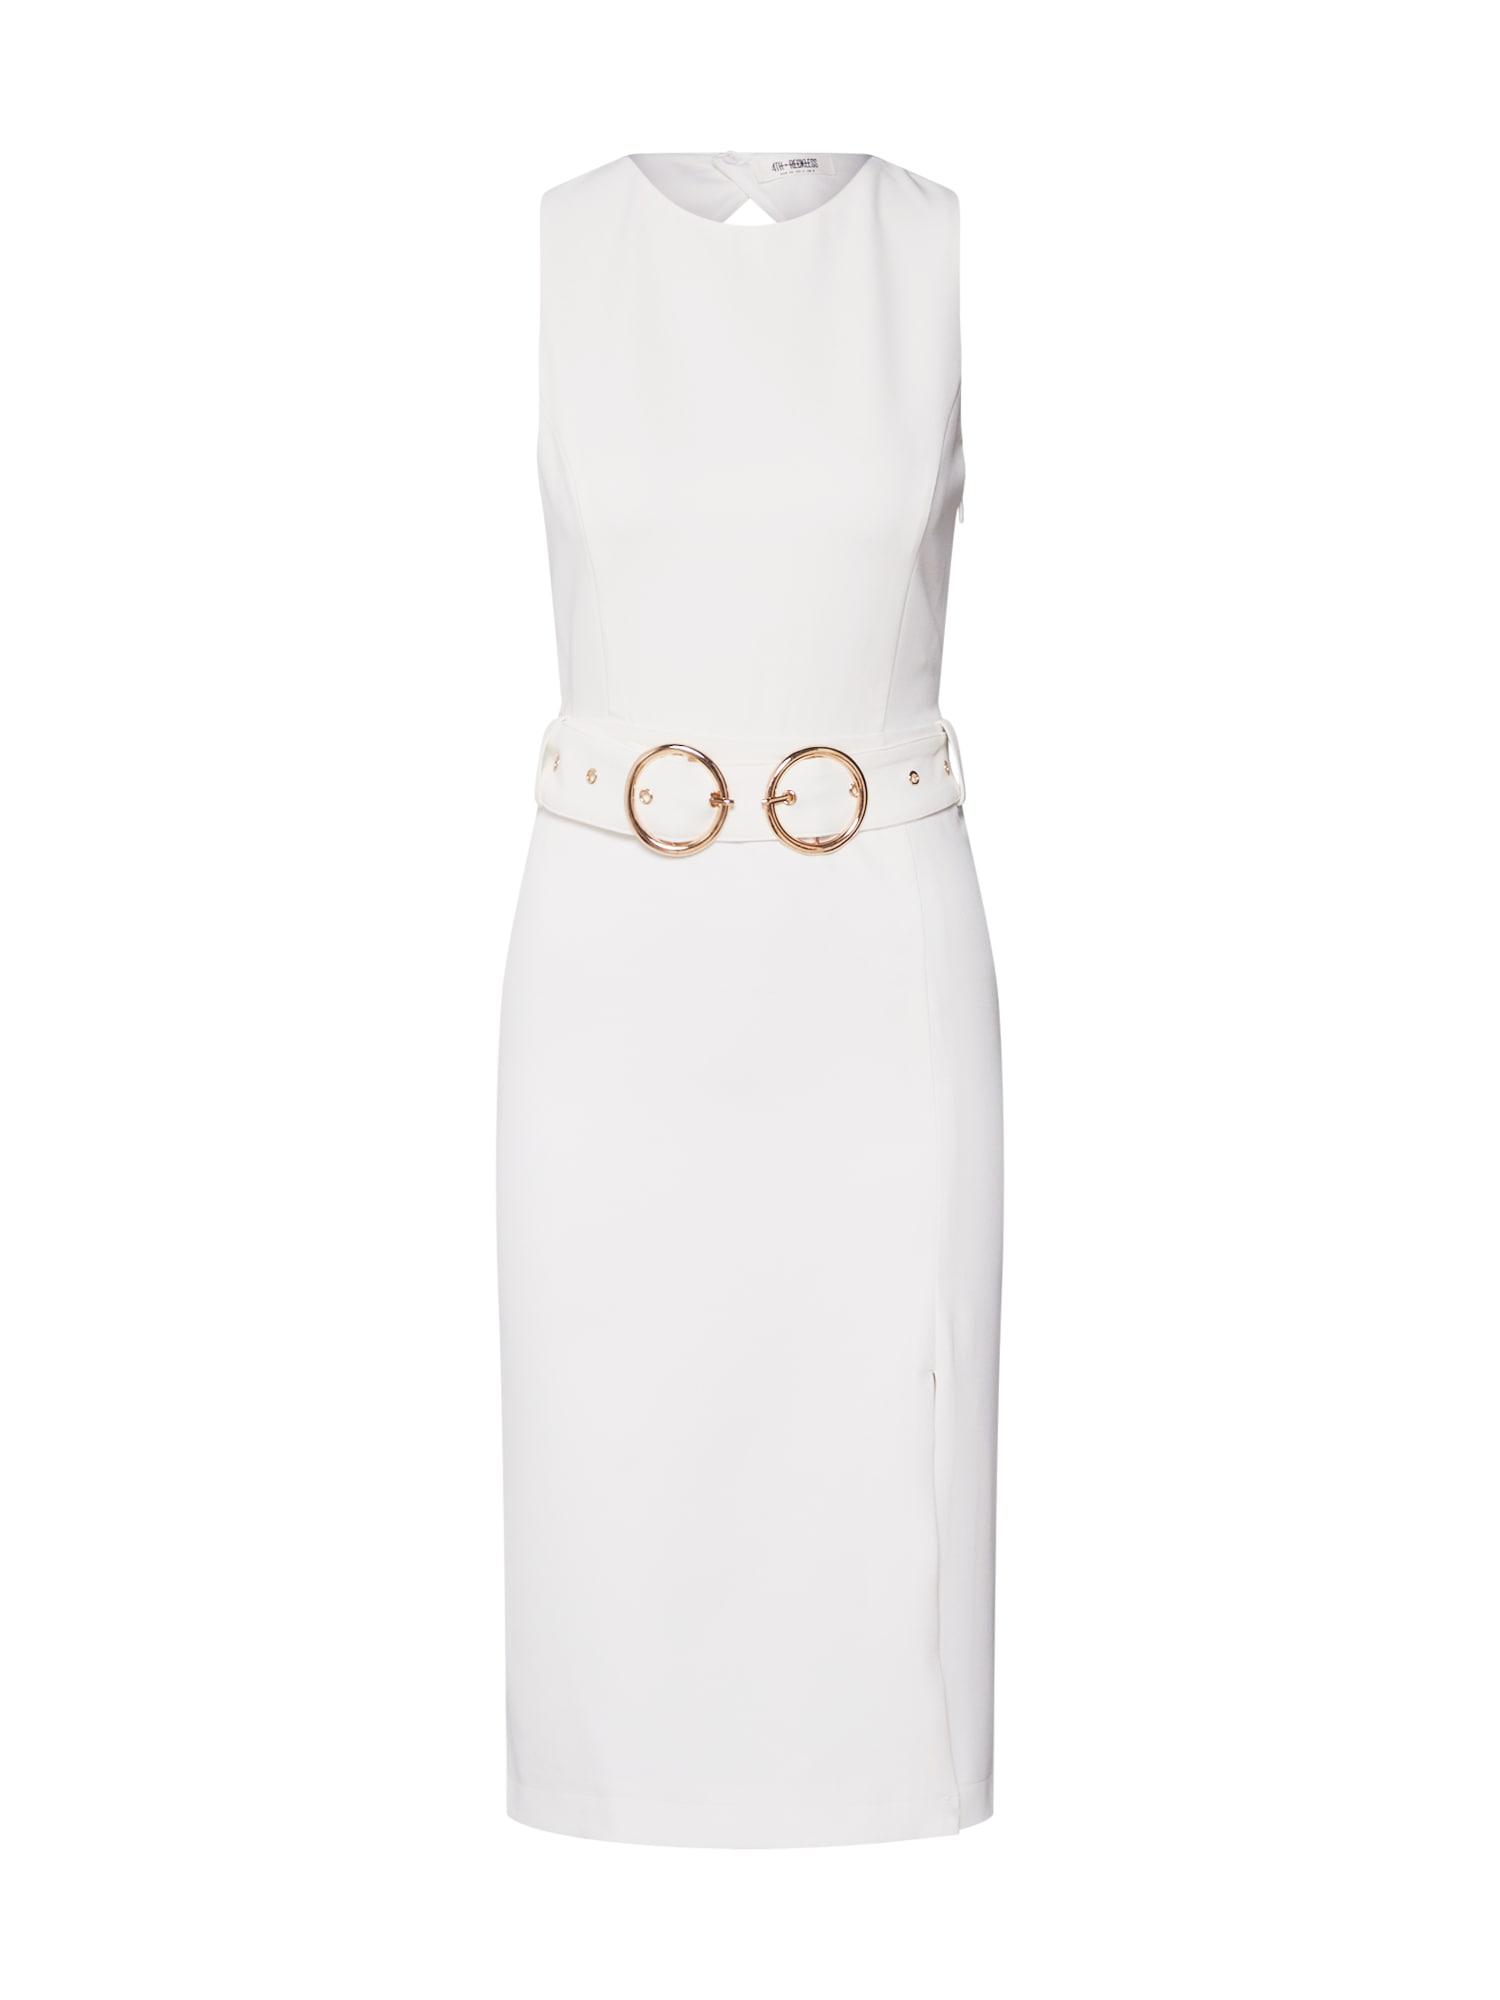 Pouzdrové šaty Nikita zlatá bílá 4th & Reckless